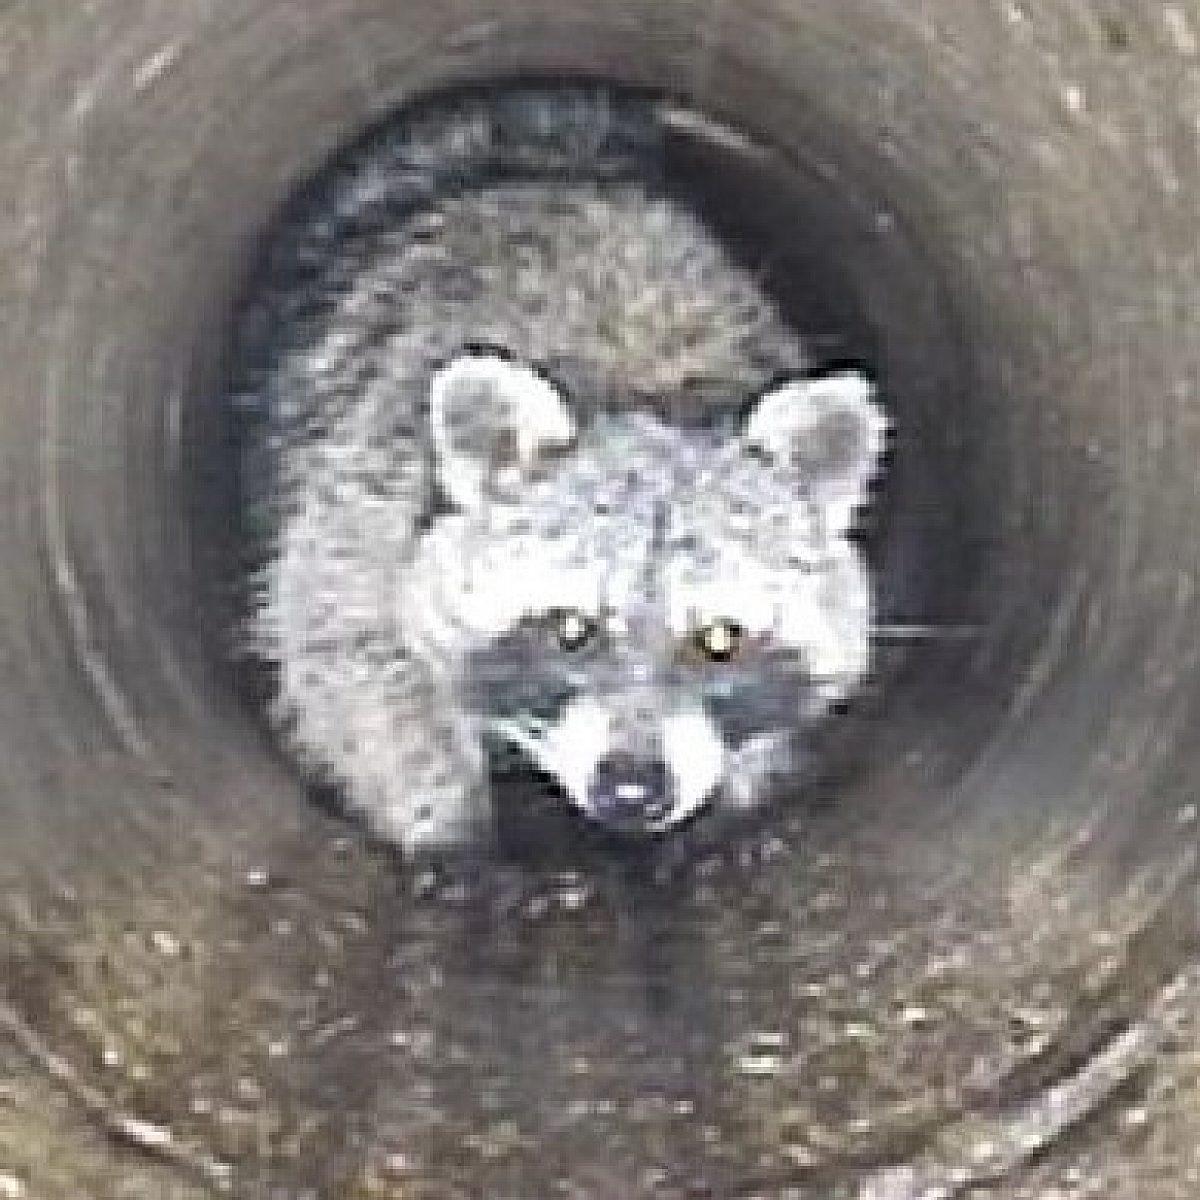 Das Bild zeigt einen Waschbären in einem Kanalrohr, der frontal in die Kamera blickt.